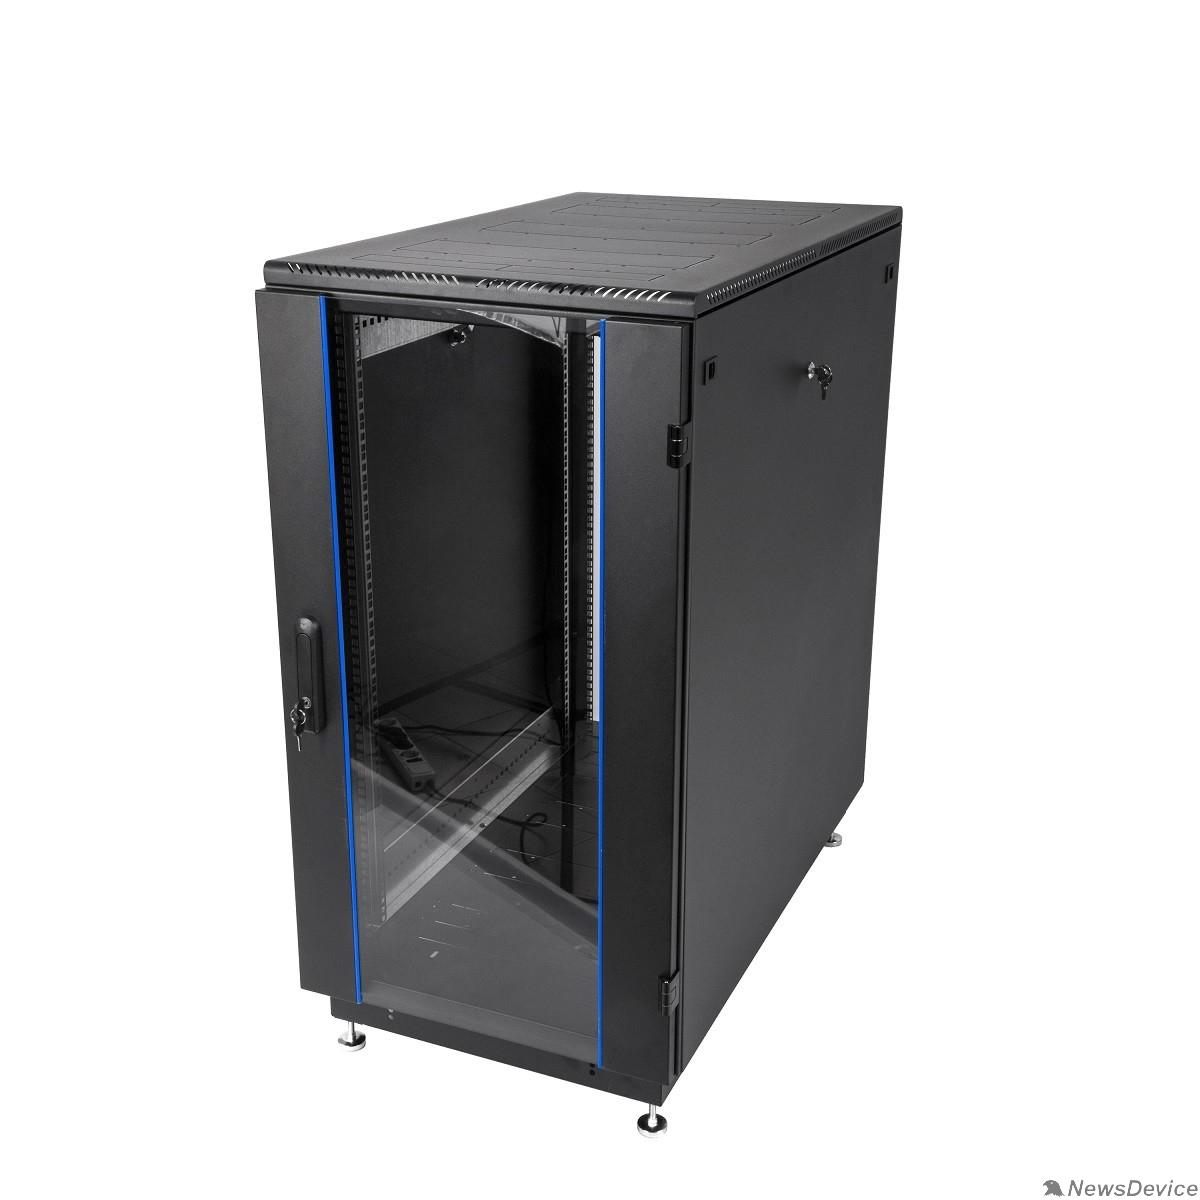 Монтажное оборудование ЦМО Шкаф телекоммуникационный напольный 22U (600x600) дверь стекло, цвет чёрный (ШТК-М-22.6.6-1ААА-9005) (2 места)